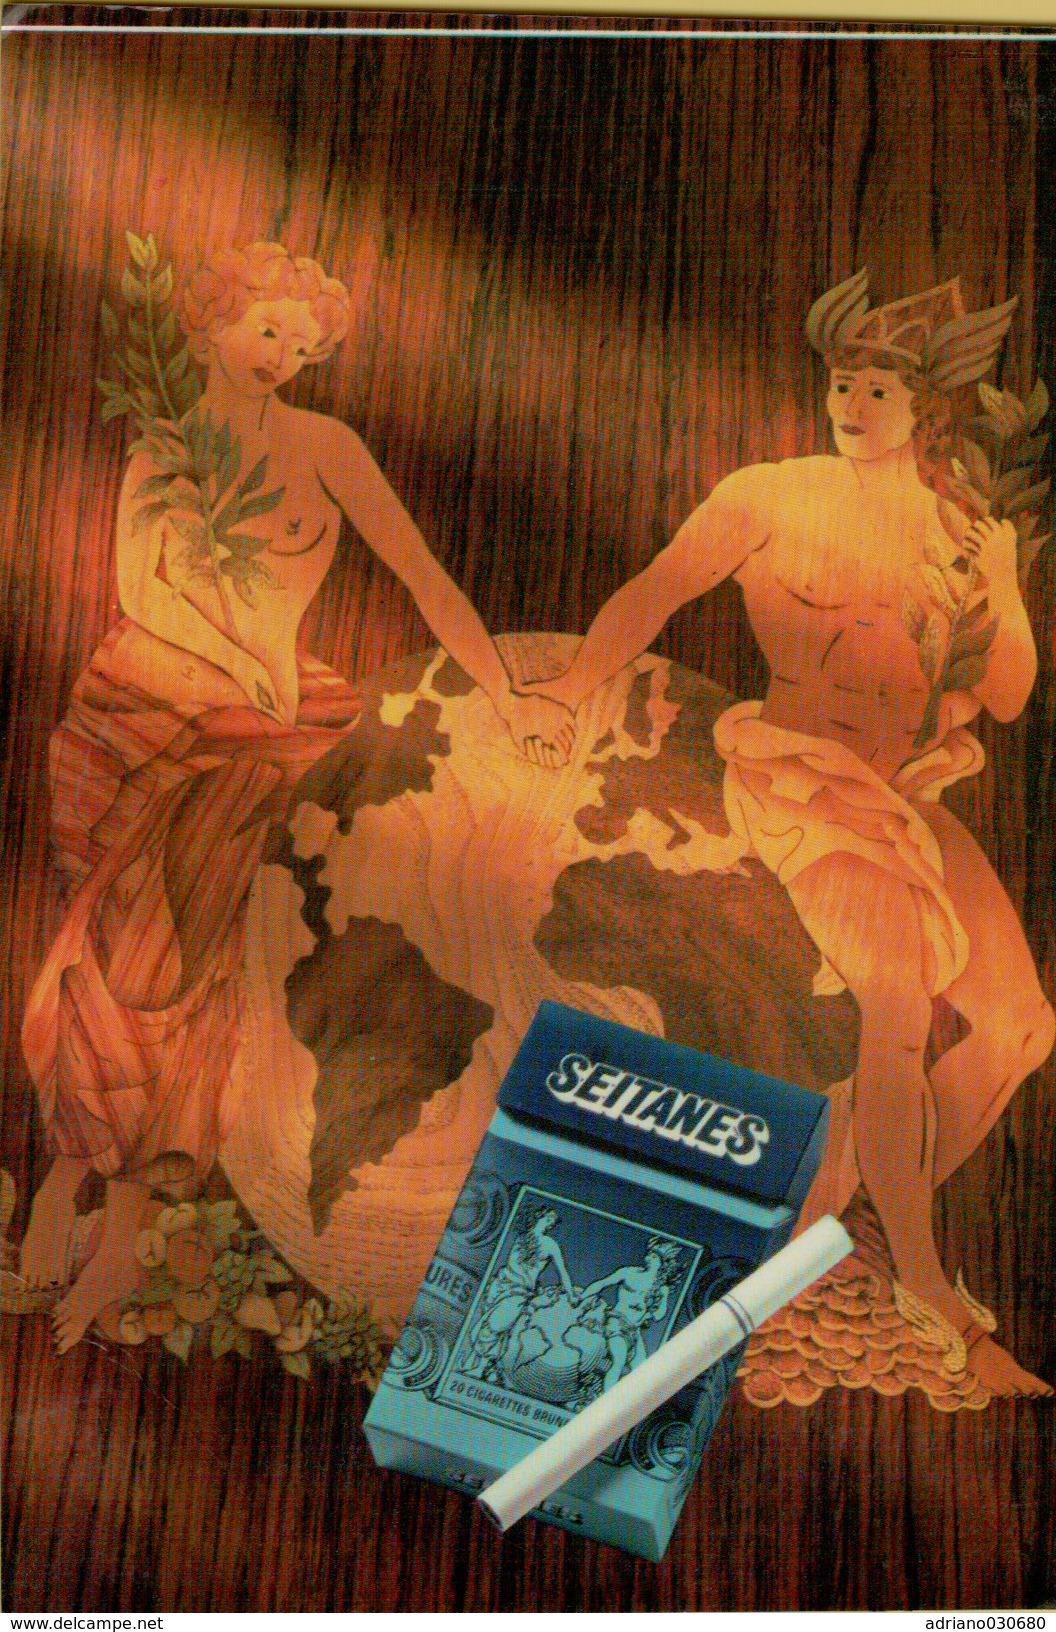 143225 CARTOLINA PUBBLICITA' PUBBLICITARIA SEITANES - Pubblicitari